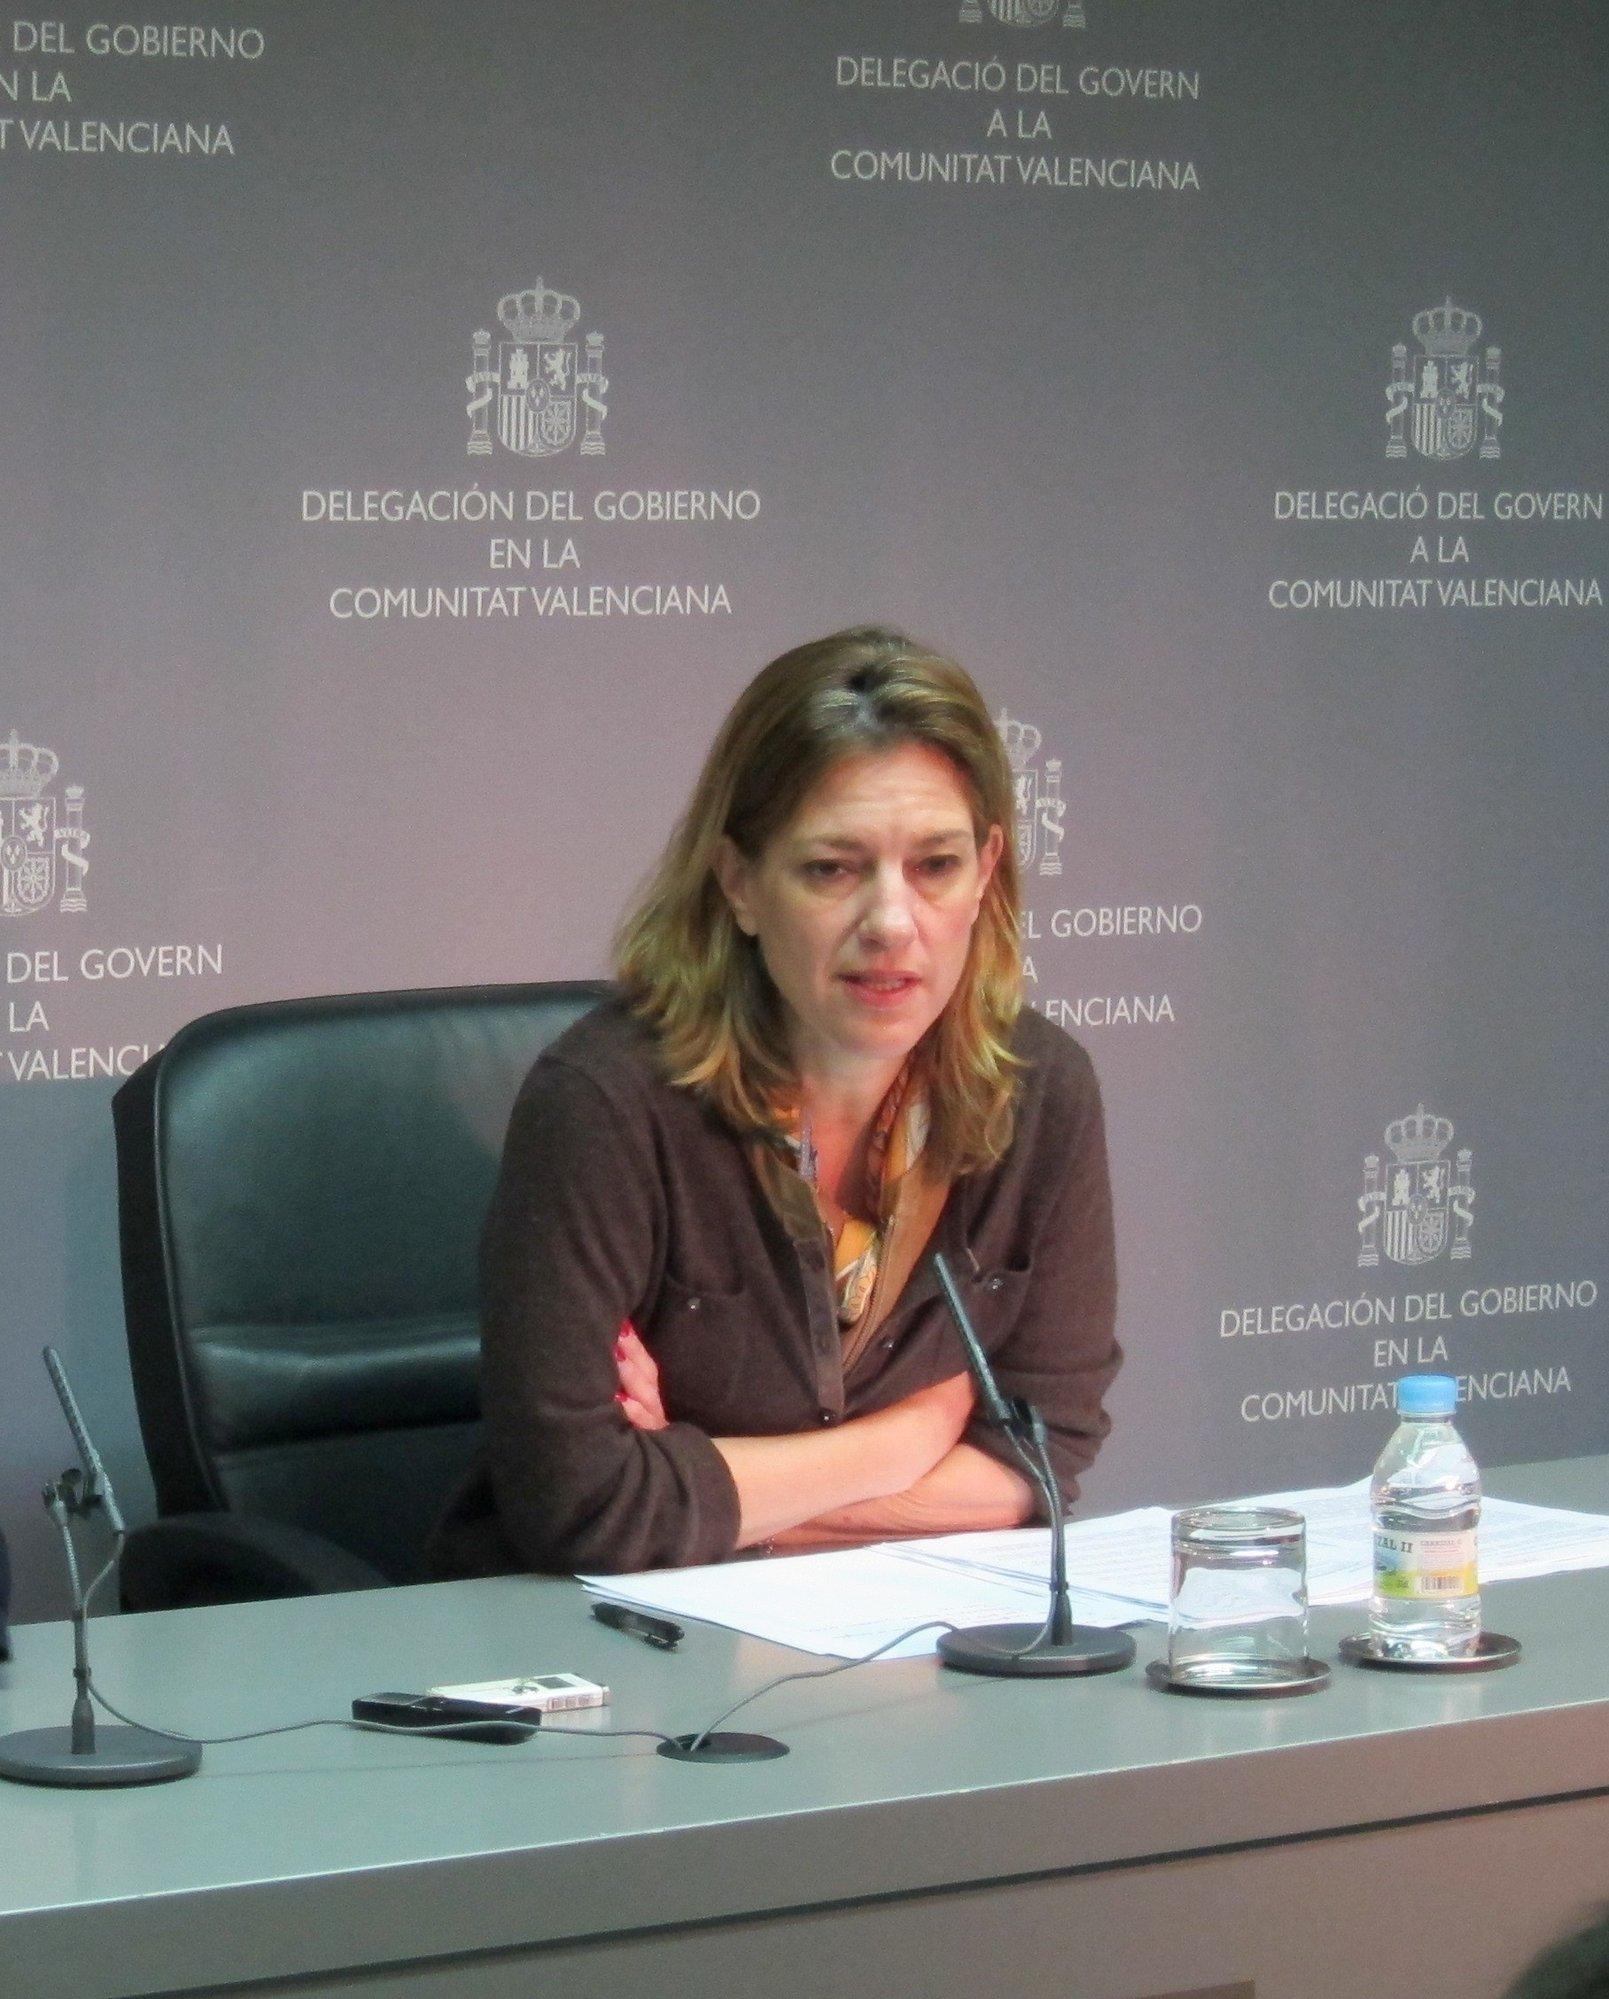 Si hubo extralimitación policial en Valencia habrá responsabilidades